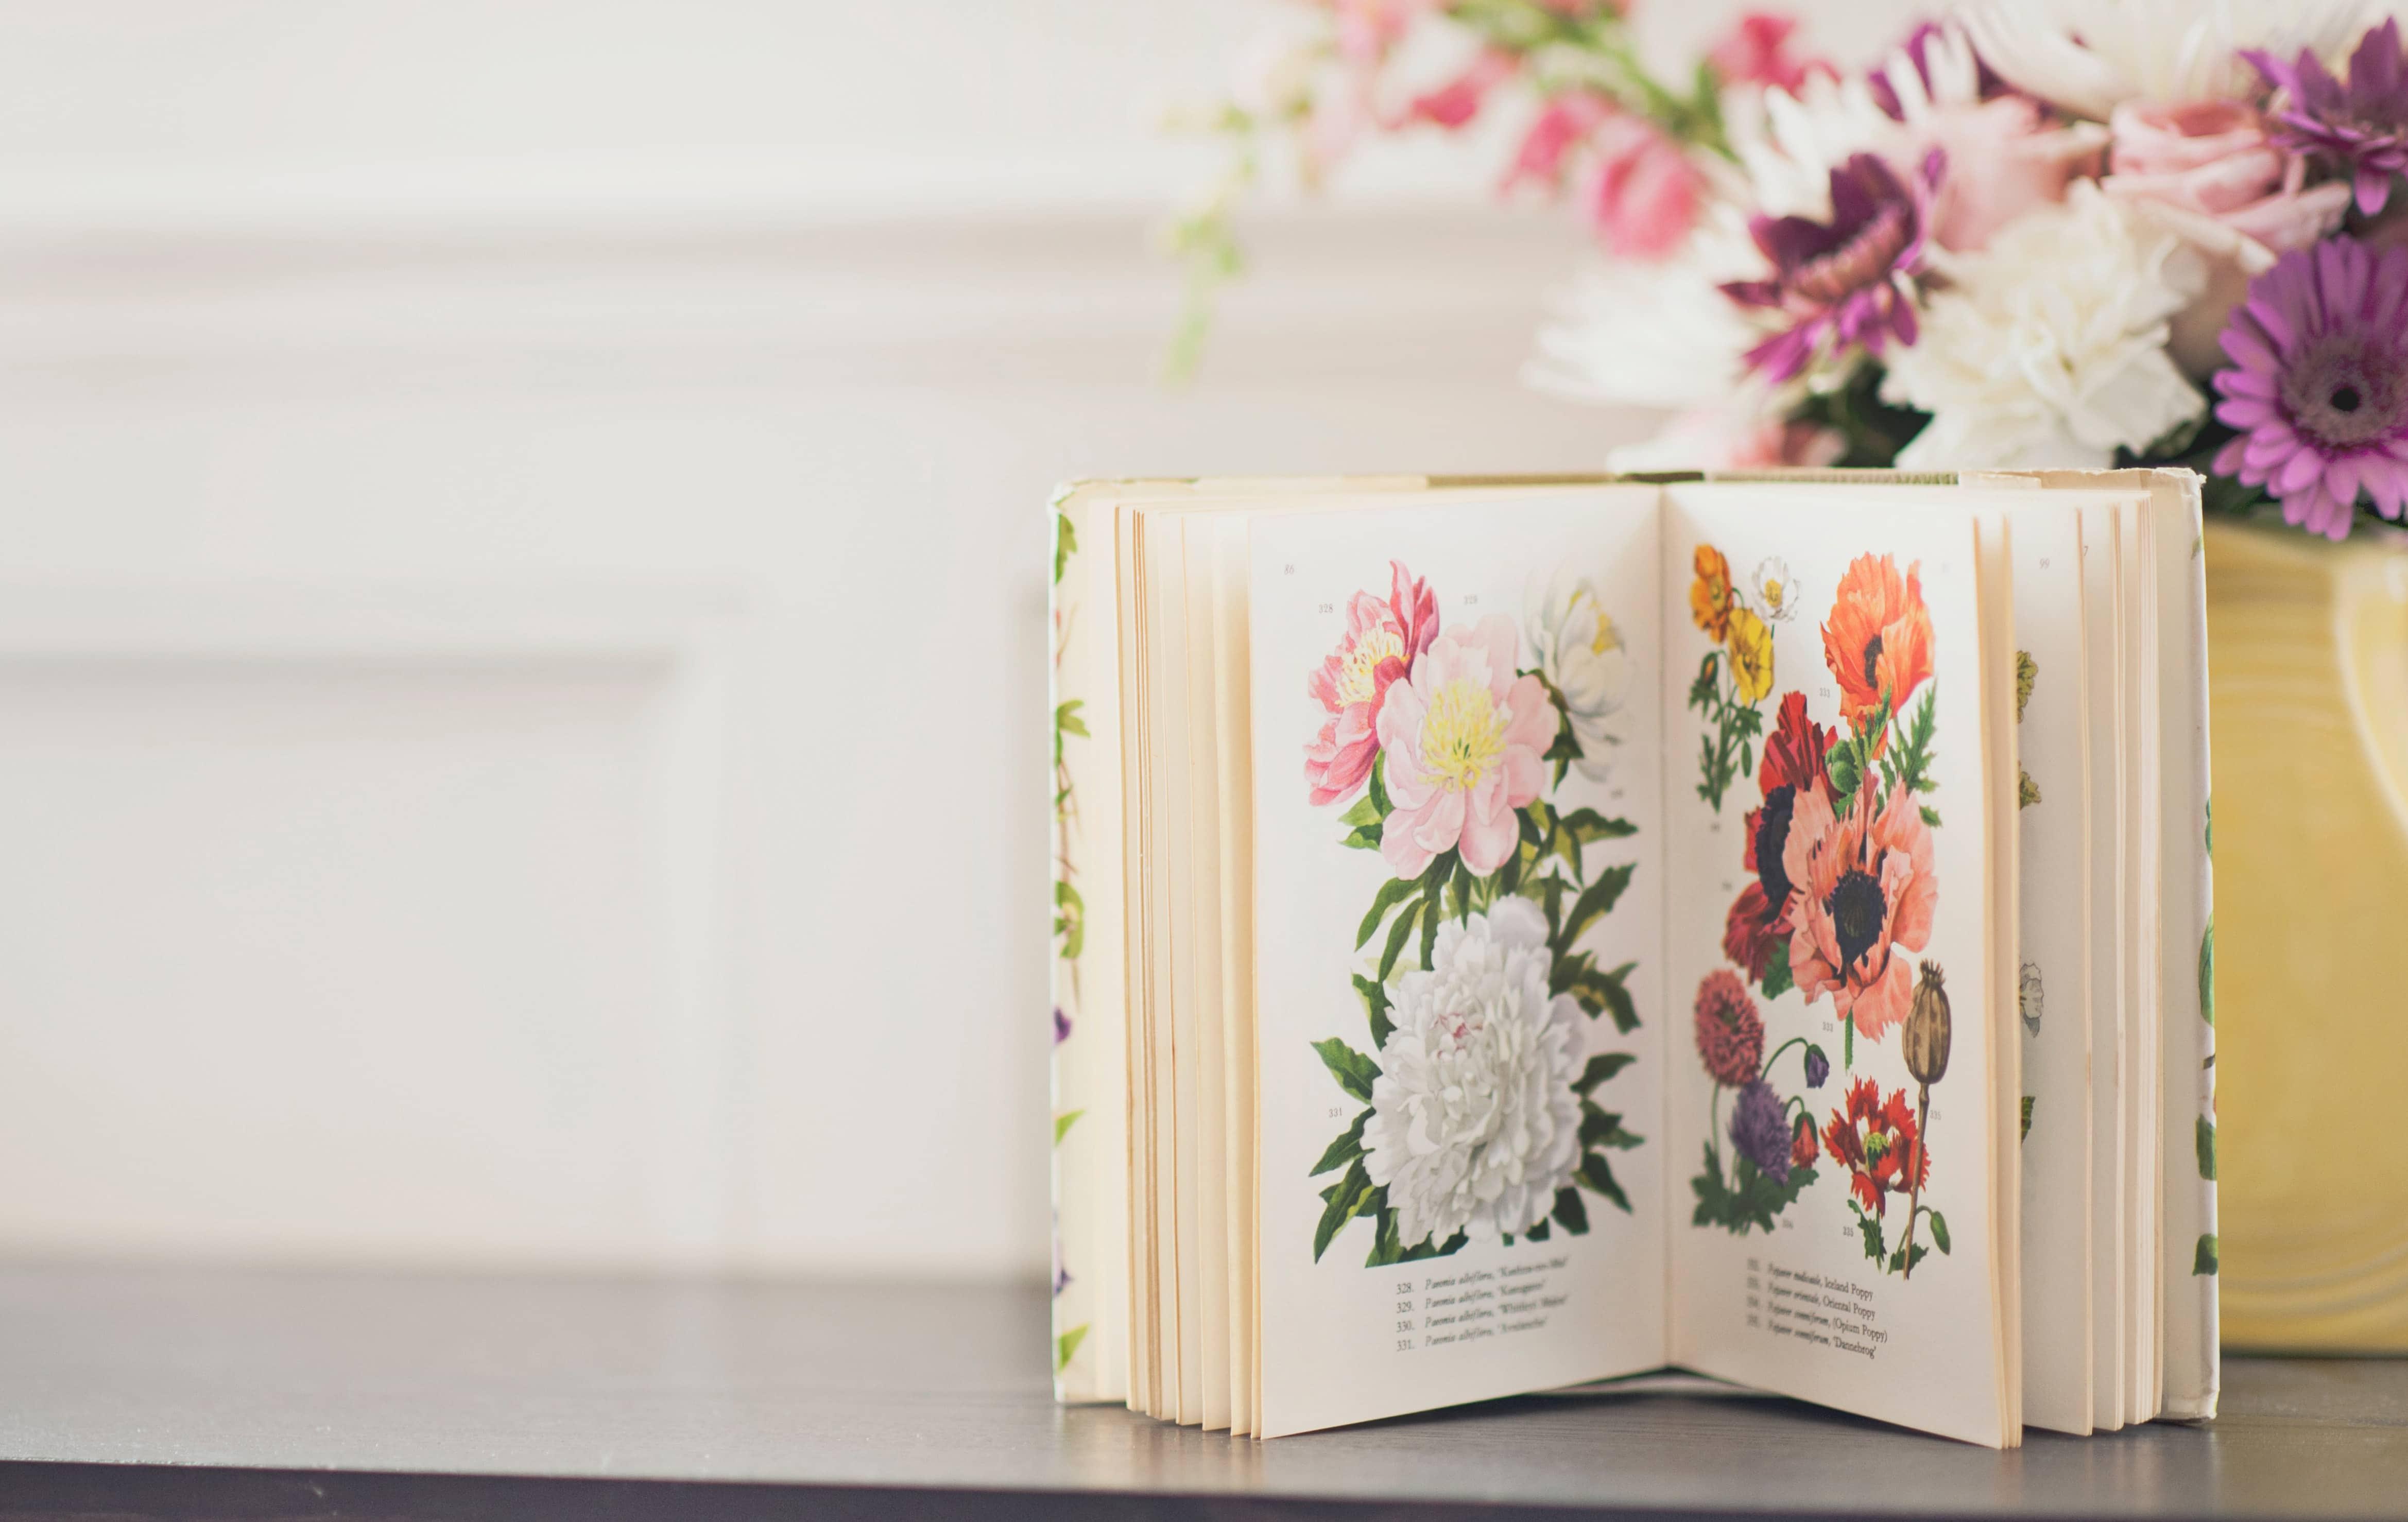 Blumenbuch und Blumen auf einem Tisch